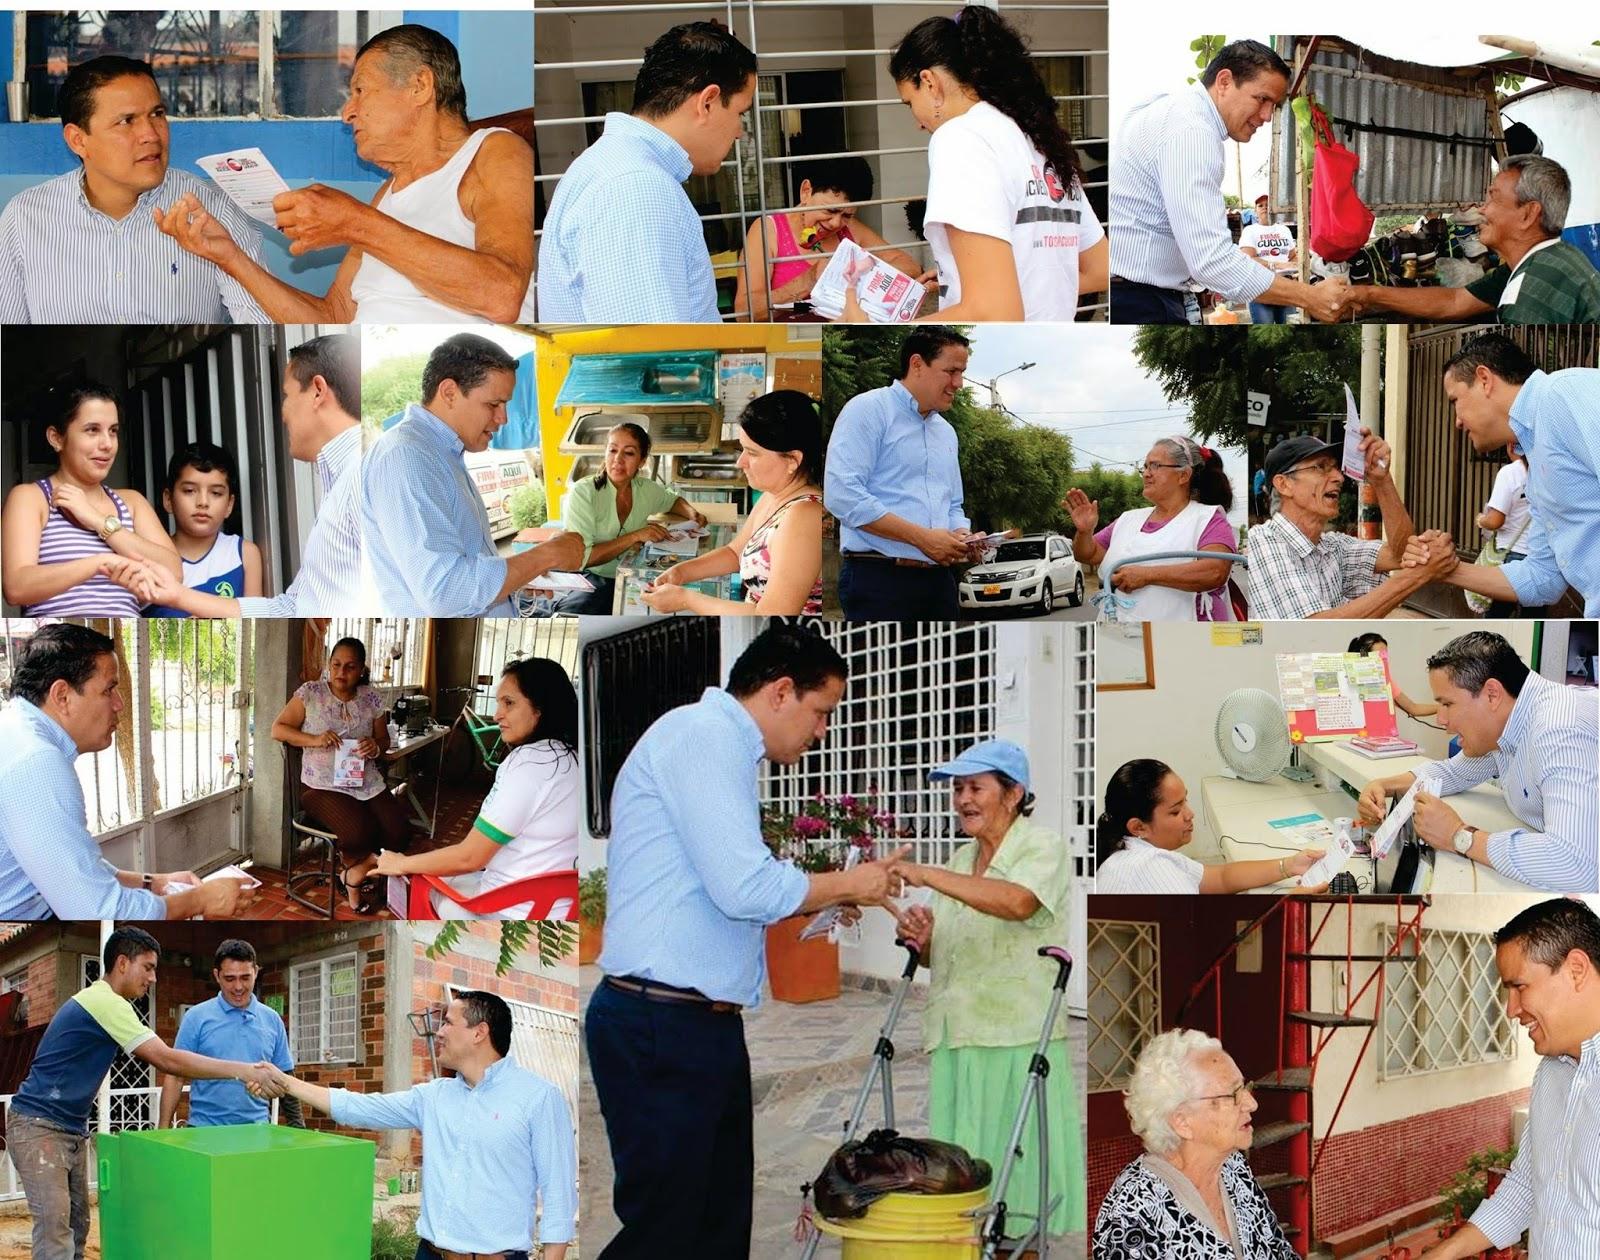 Jorge Acevedo en 'los casa casa' hace 'prospectiva política' con 'Todos por Cúcuta'